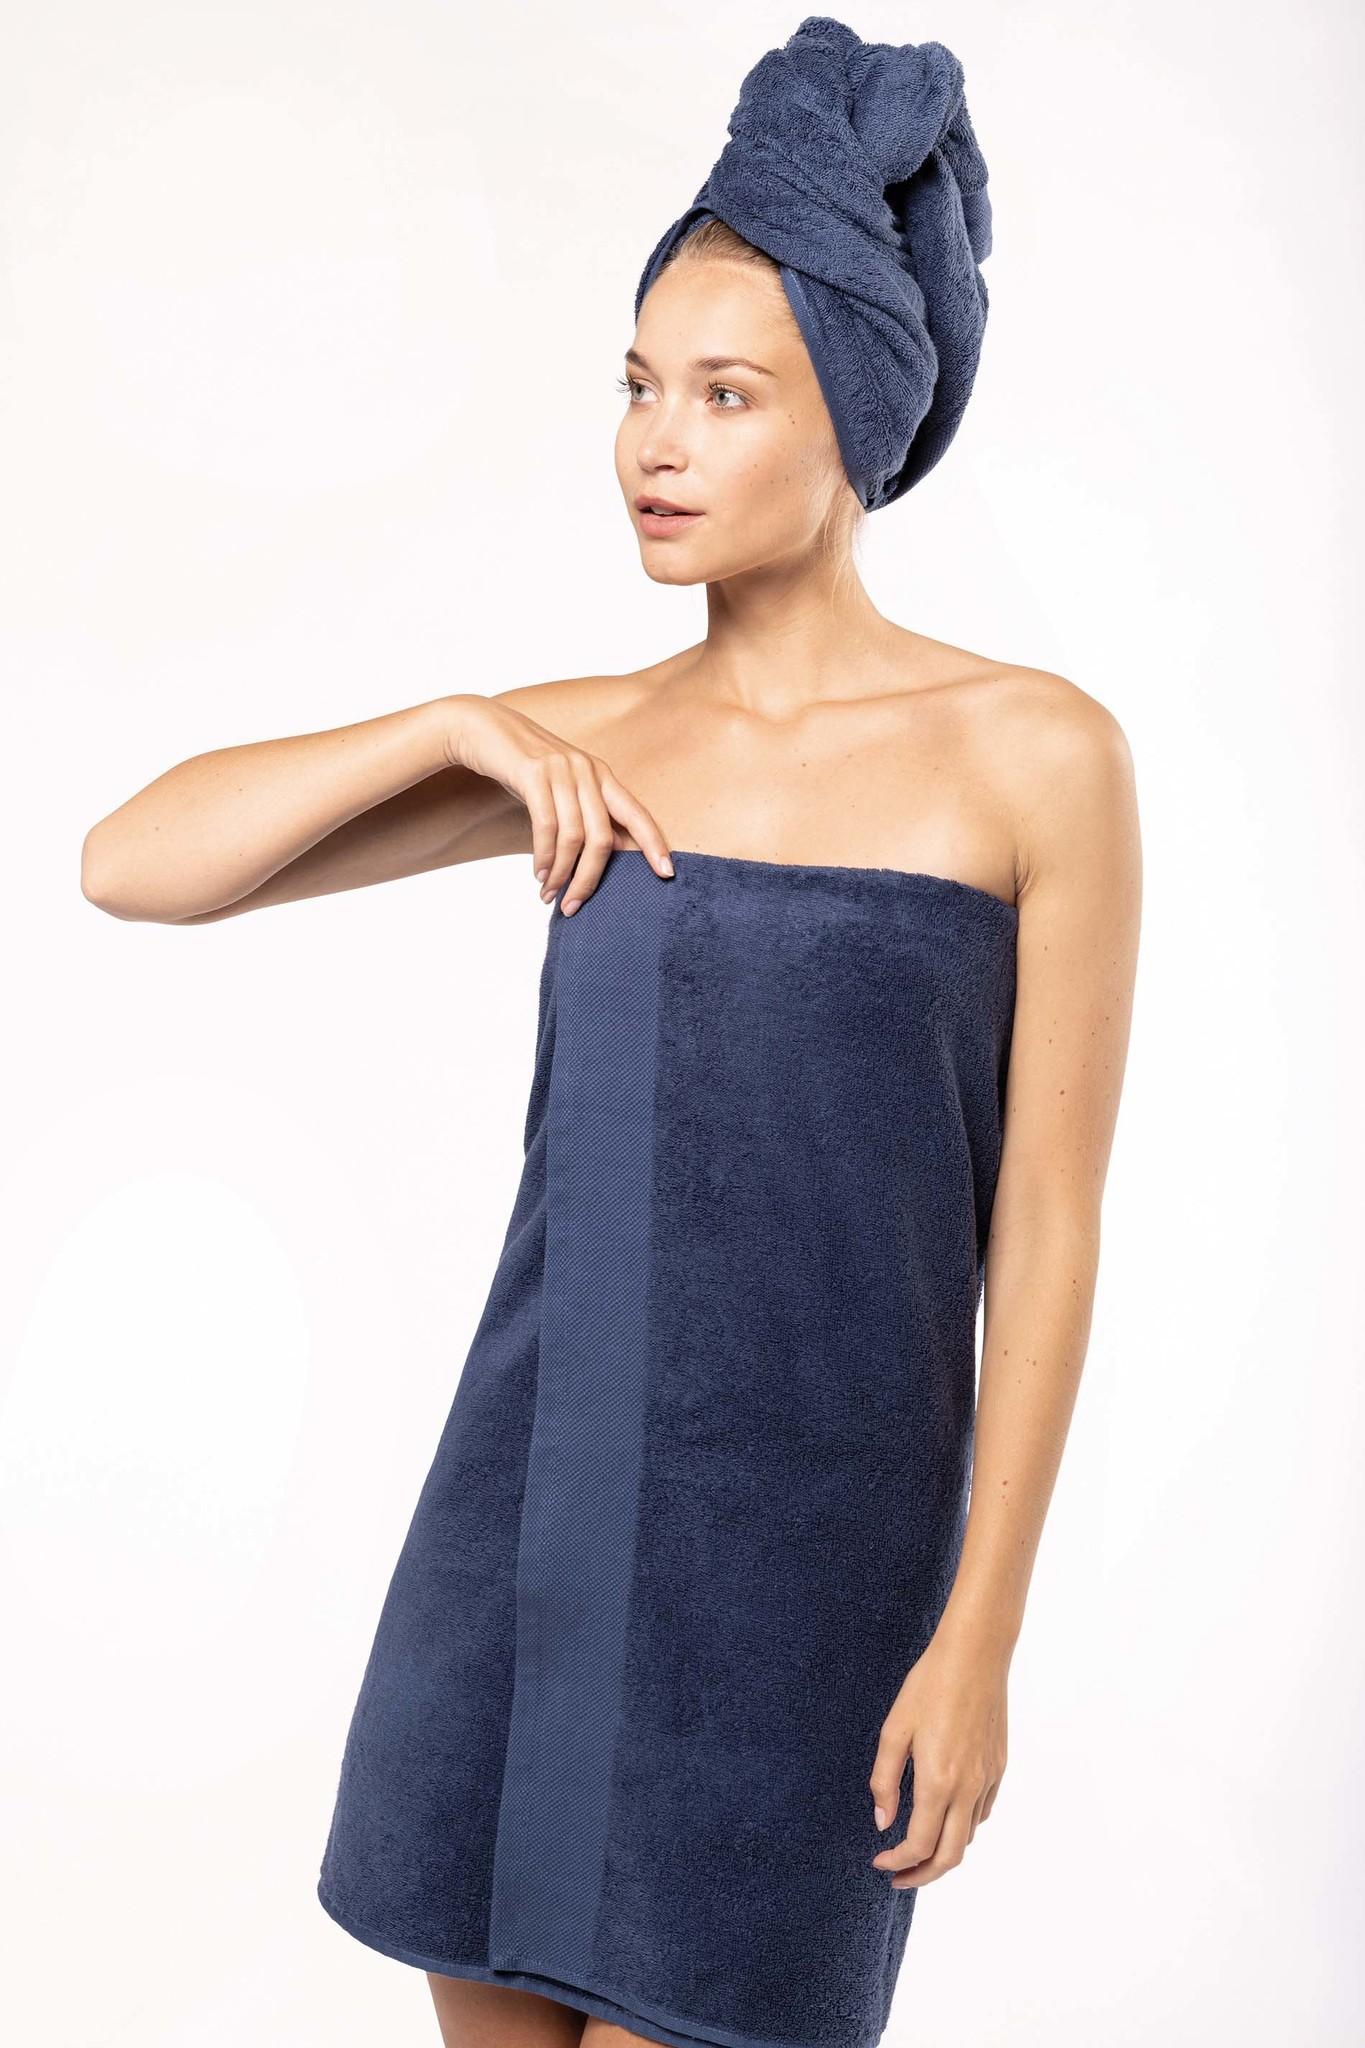 Eco-Friendly Handdoek 140 x 70 cm kleur: Navy, is te bedrukken